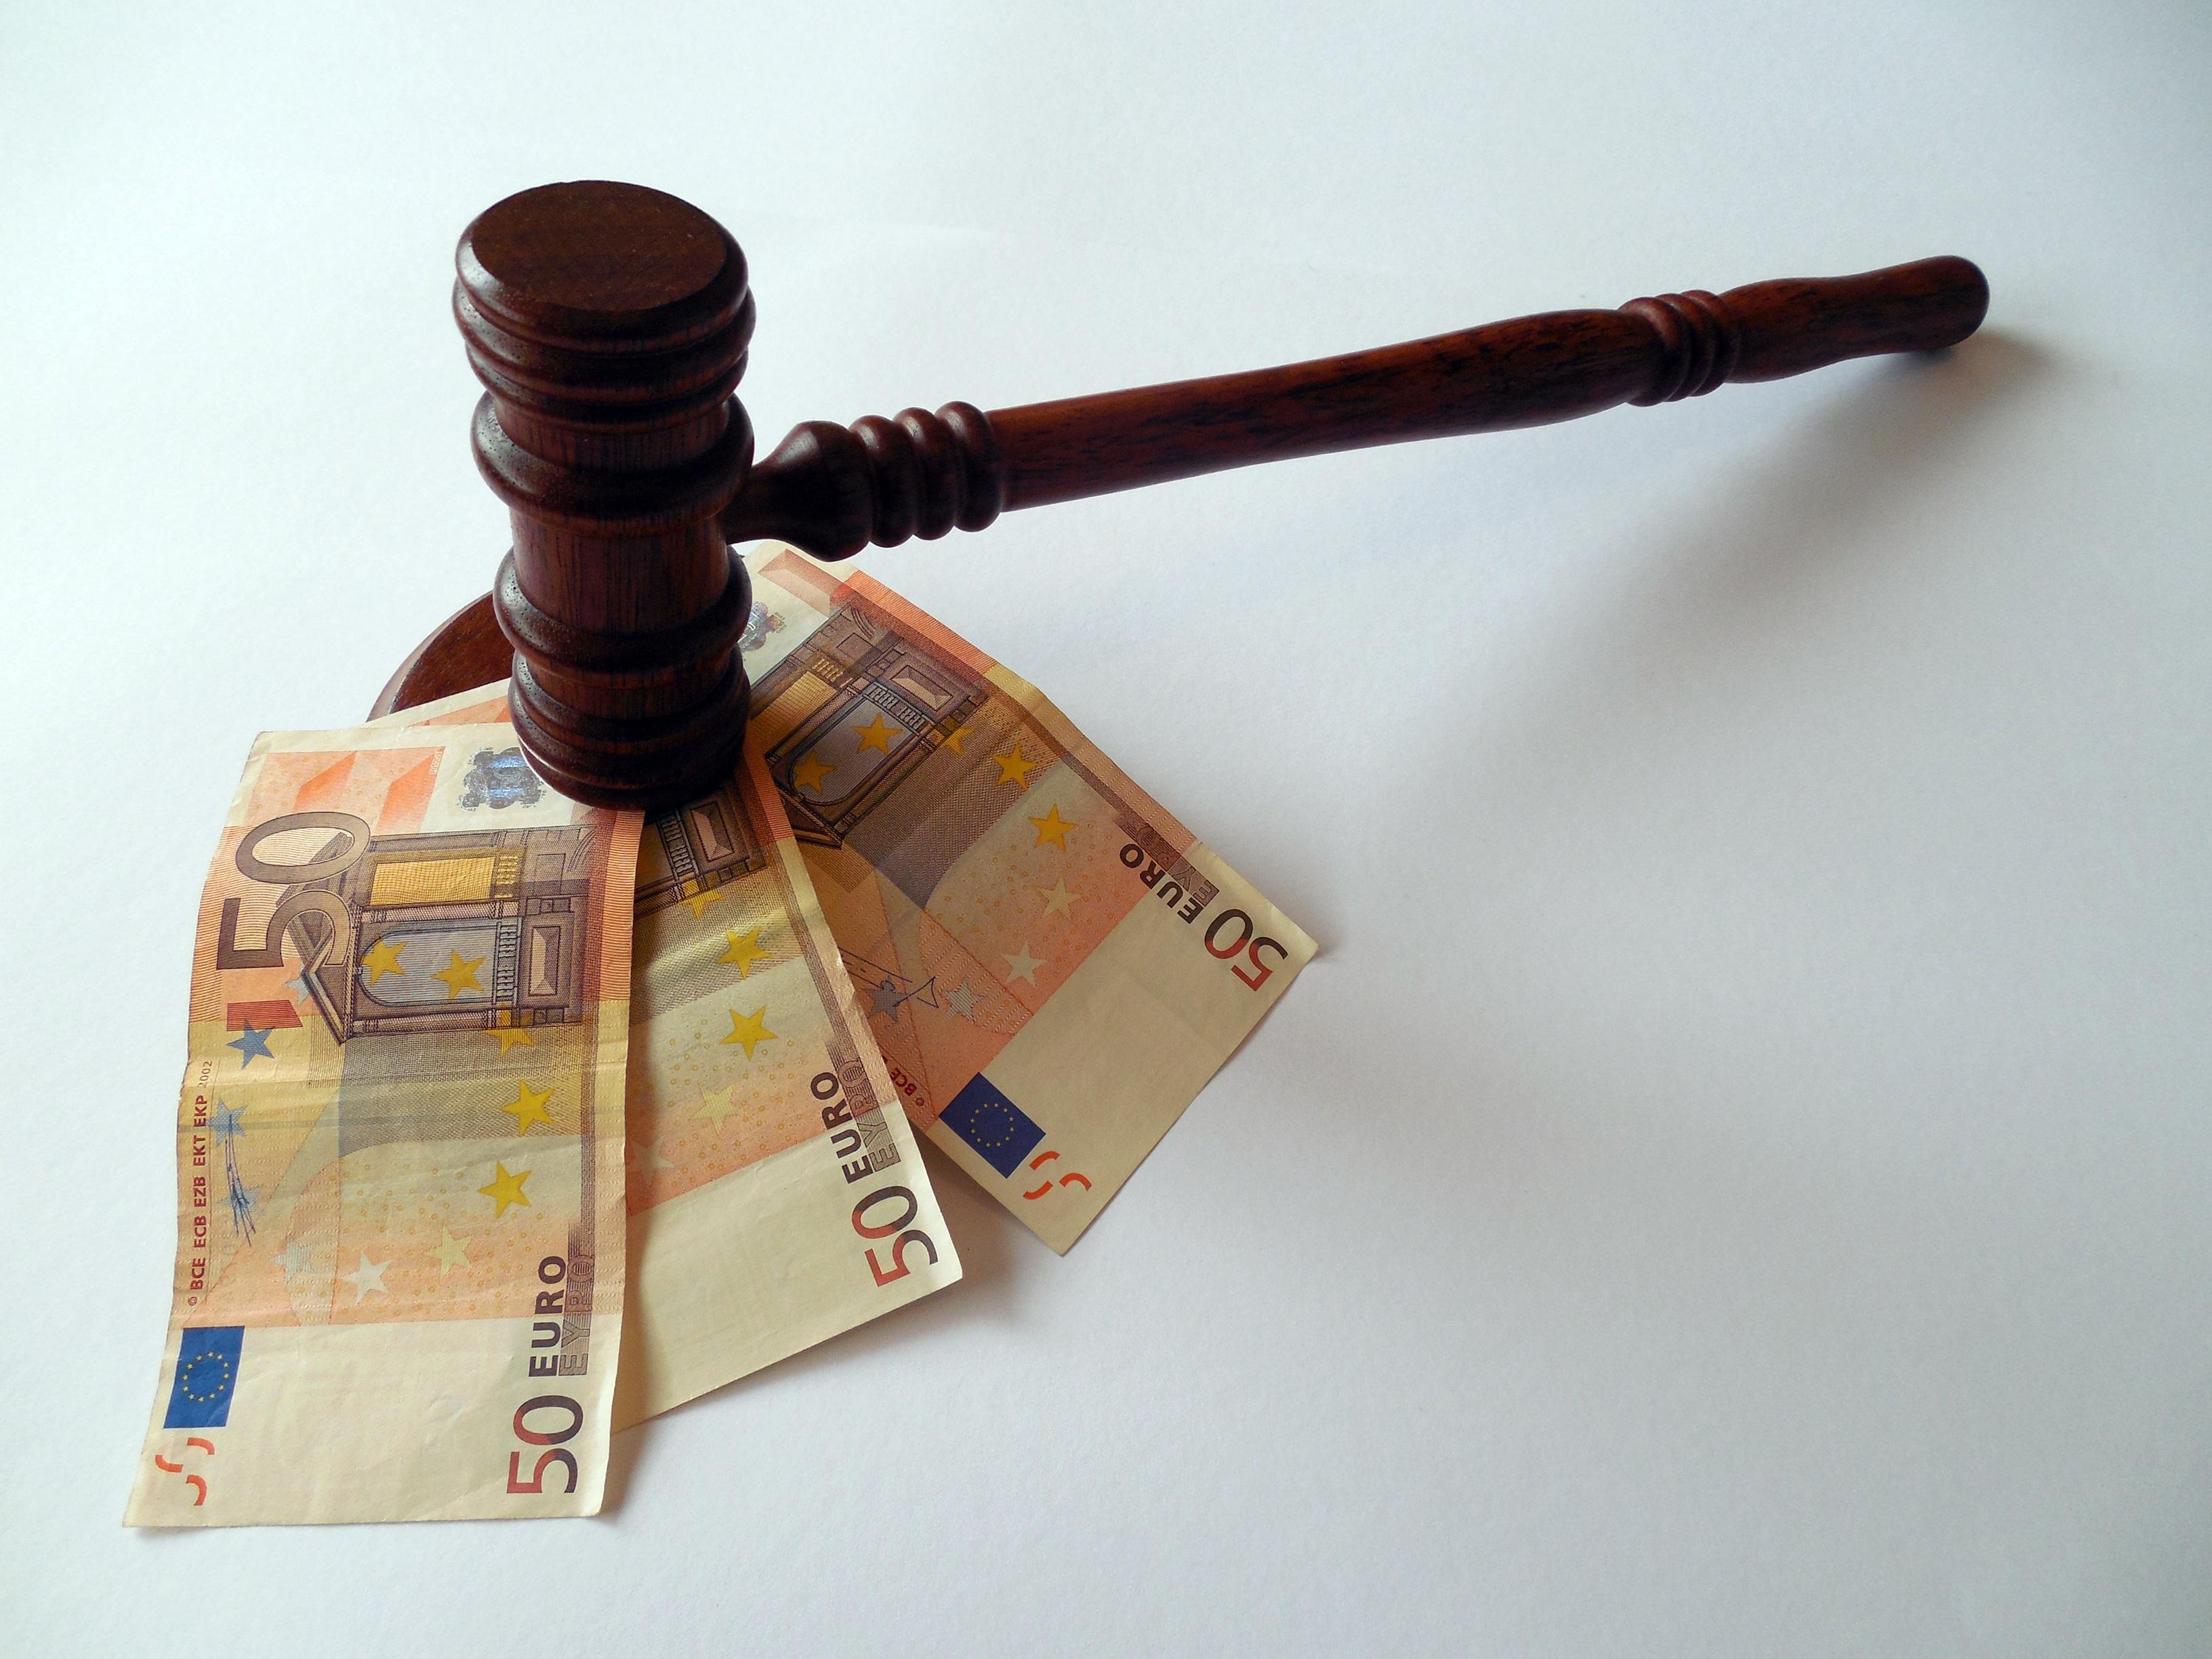 债权保全该如何裁定,债权保全的制度有哪些